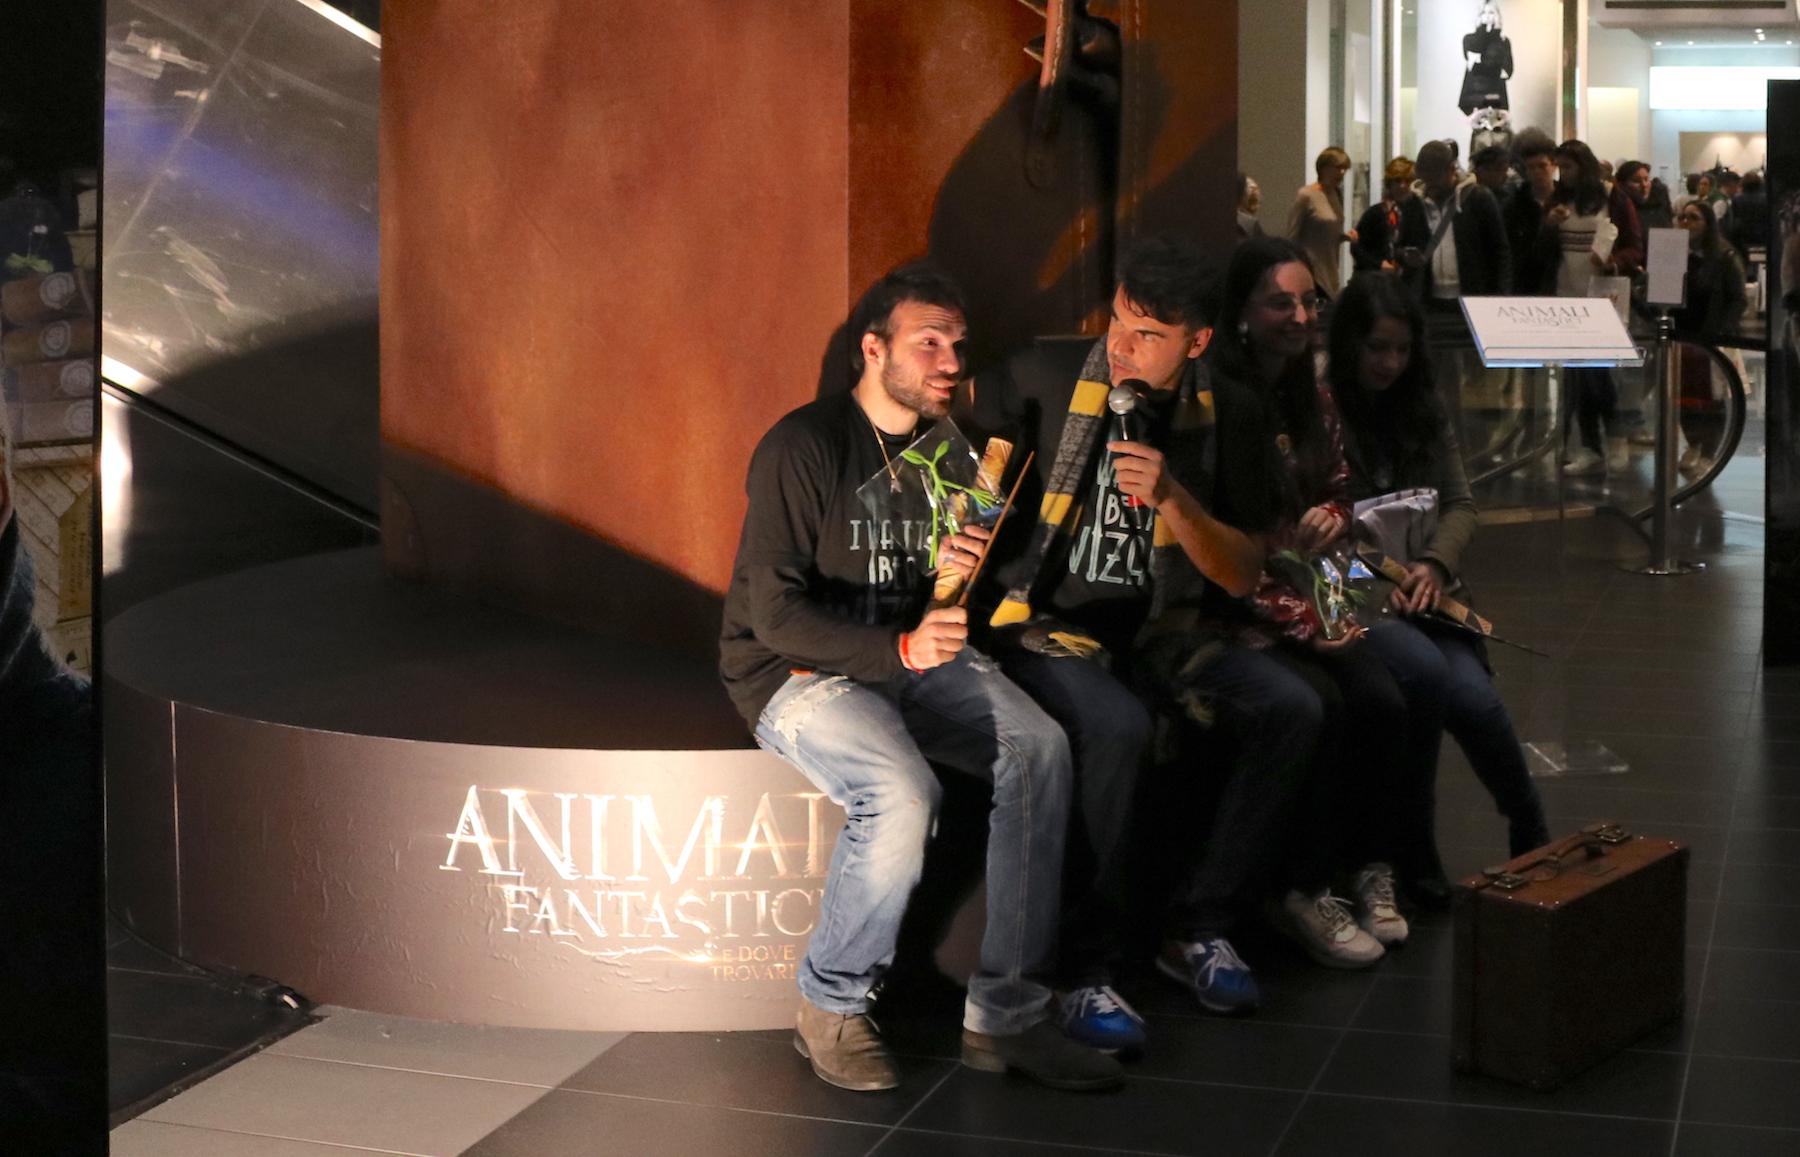 Animali fantastici e dove trovarli: un momento durante l'evento a Porta di Roma